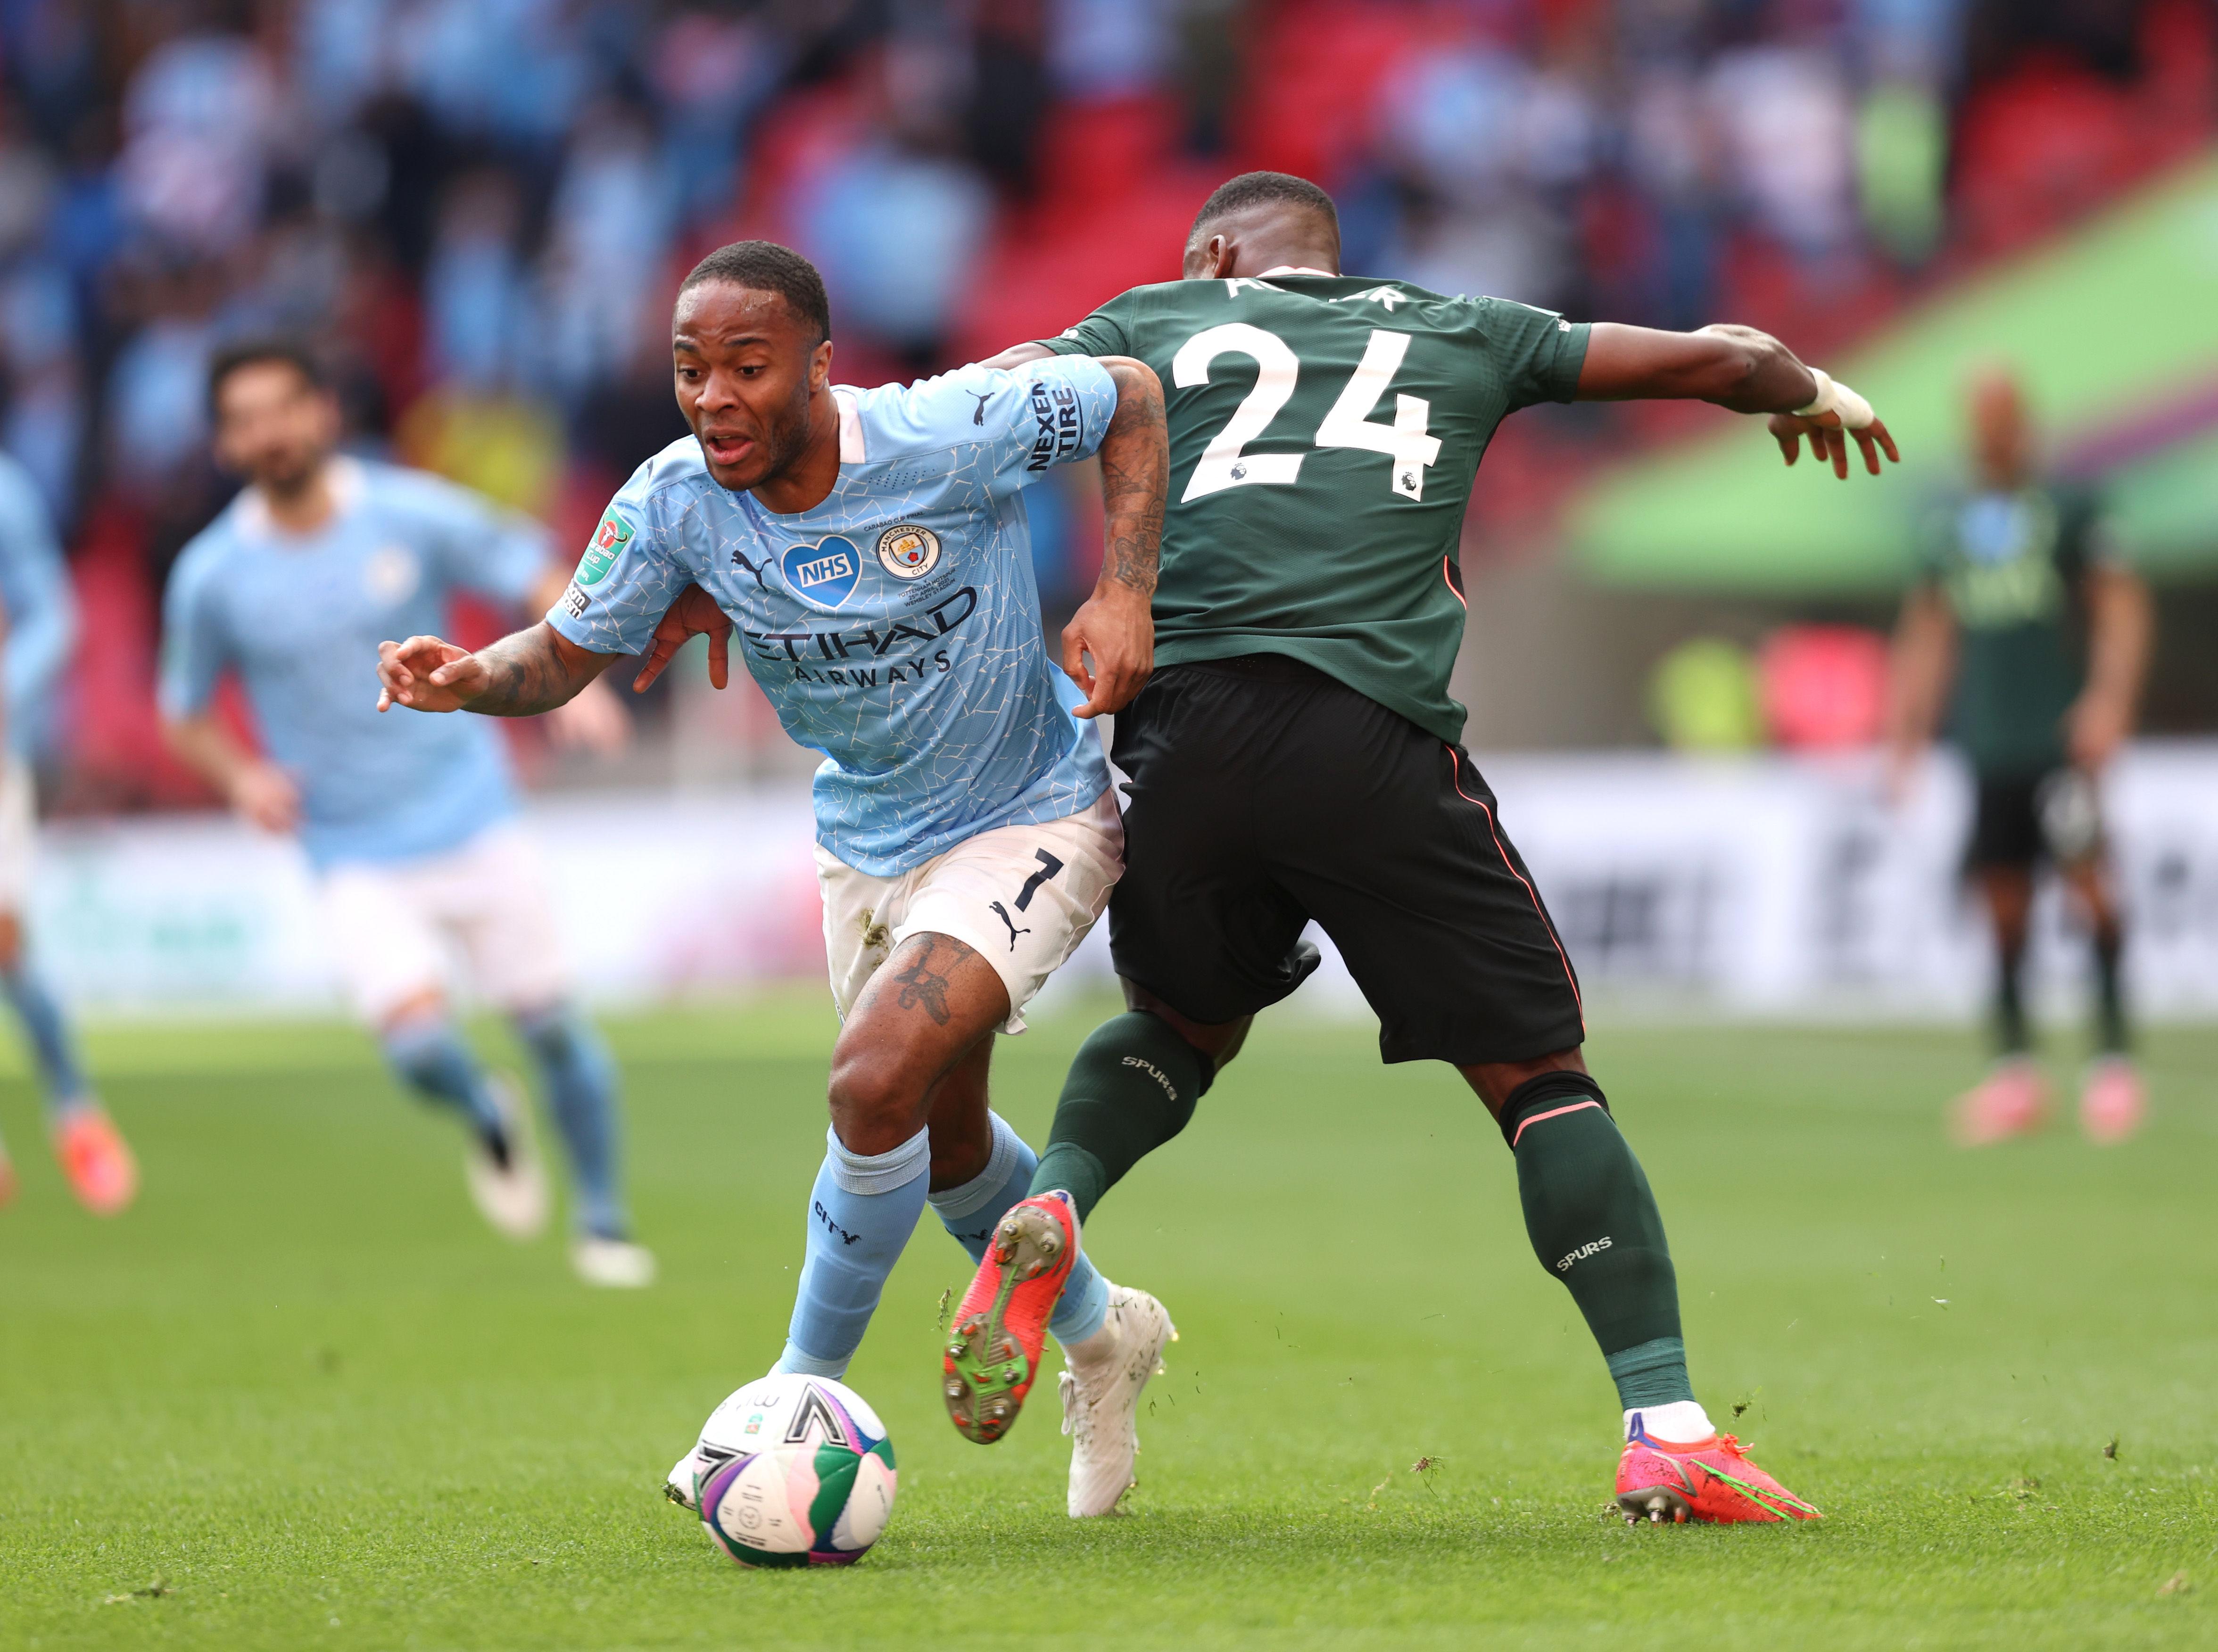 Манчестер Сити - Тоттенхэм 1:0. Четвертая подряд победа в Кубке лиги - изображение 1